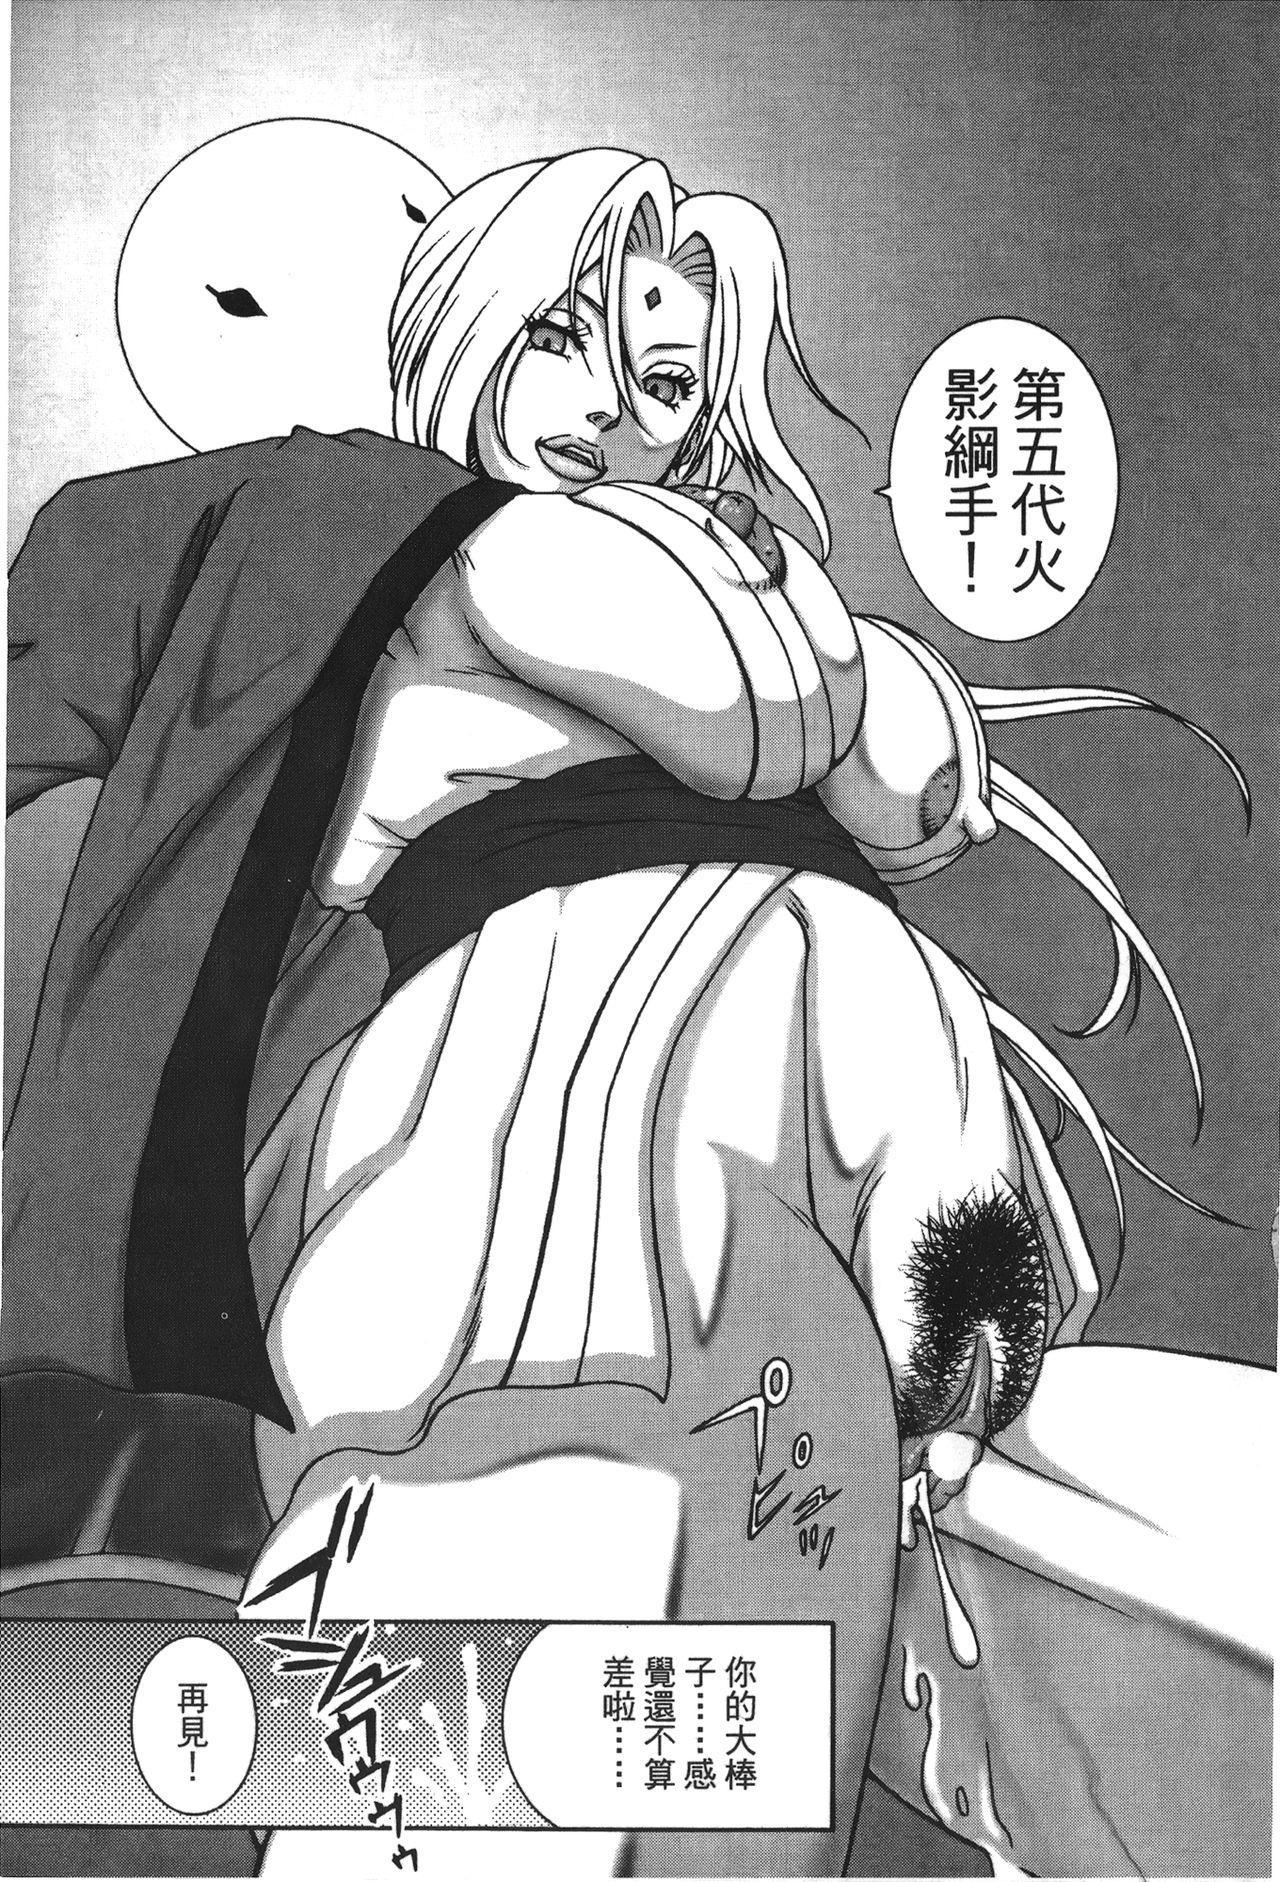 naruto ninja biography vol.02 21